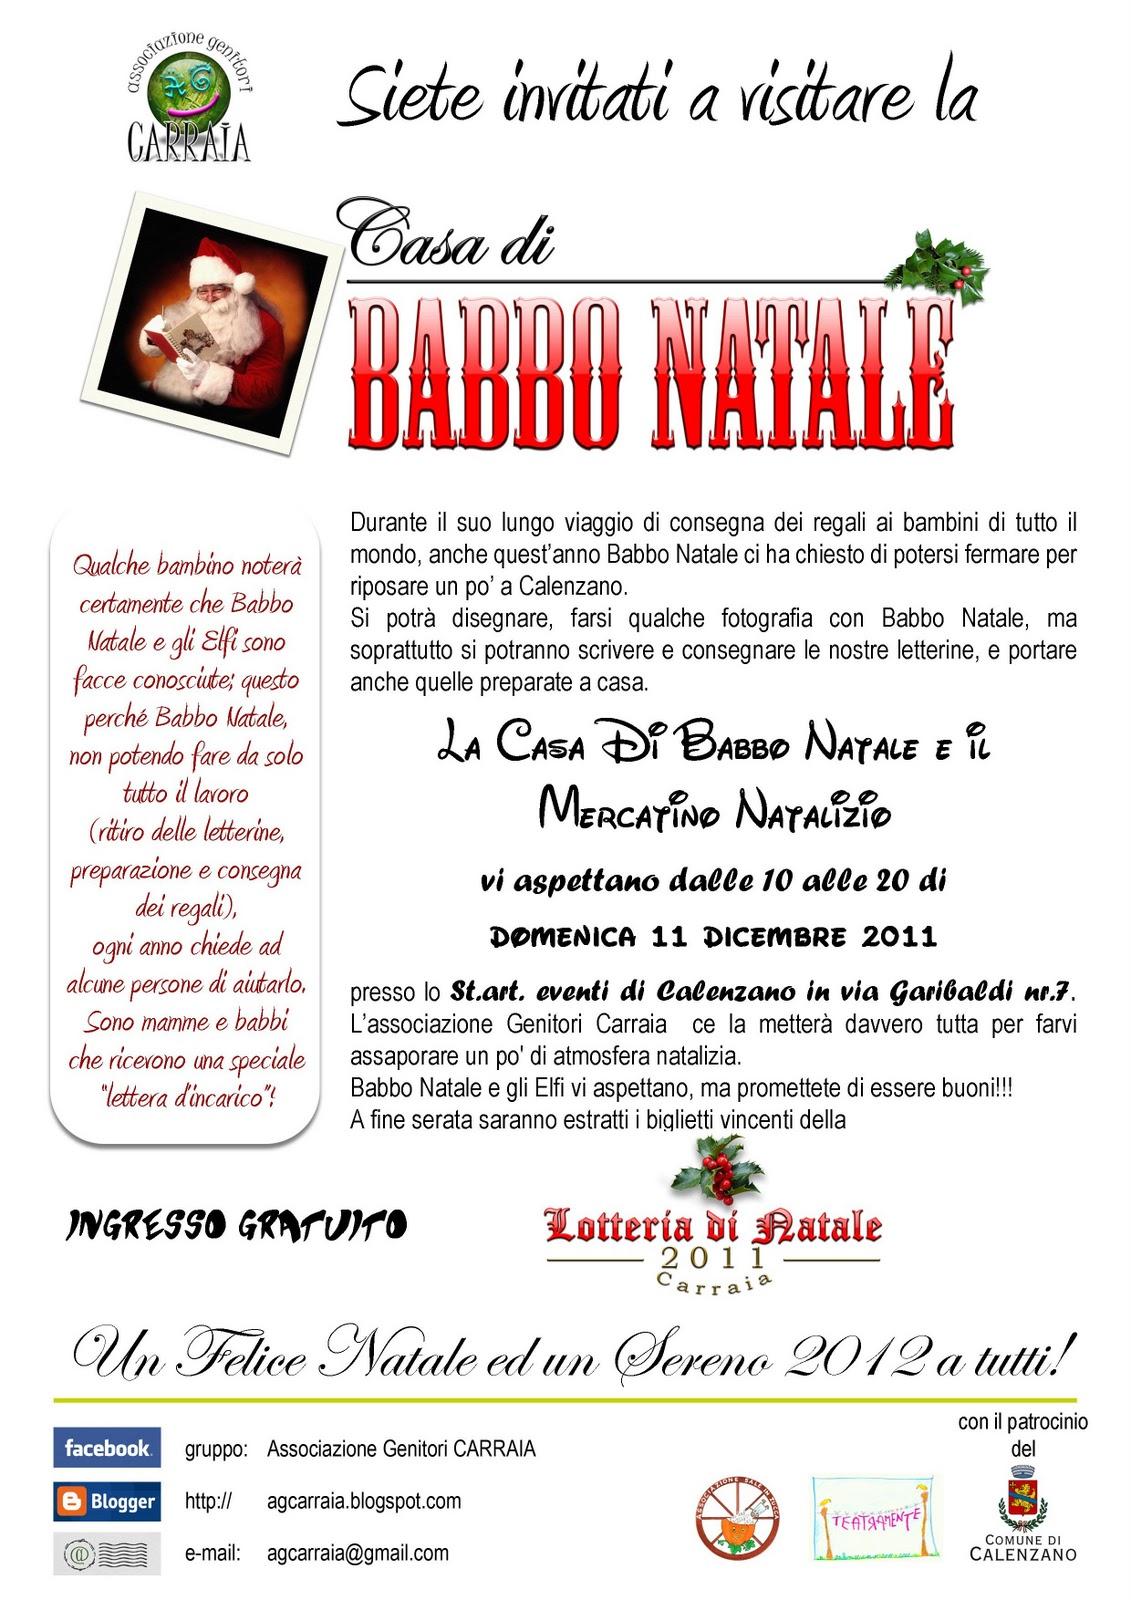 La Casa di Babbo Natale è a Calenzano!